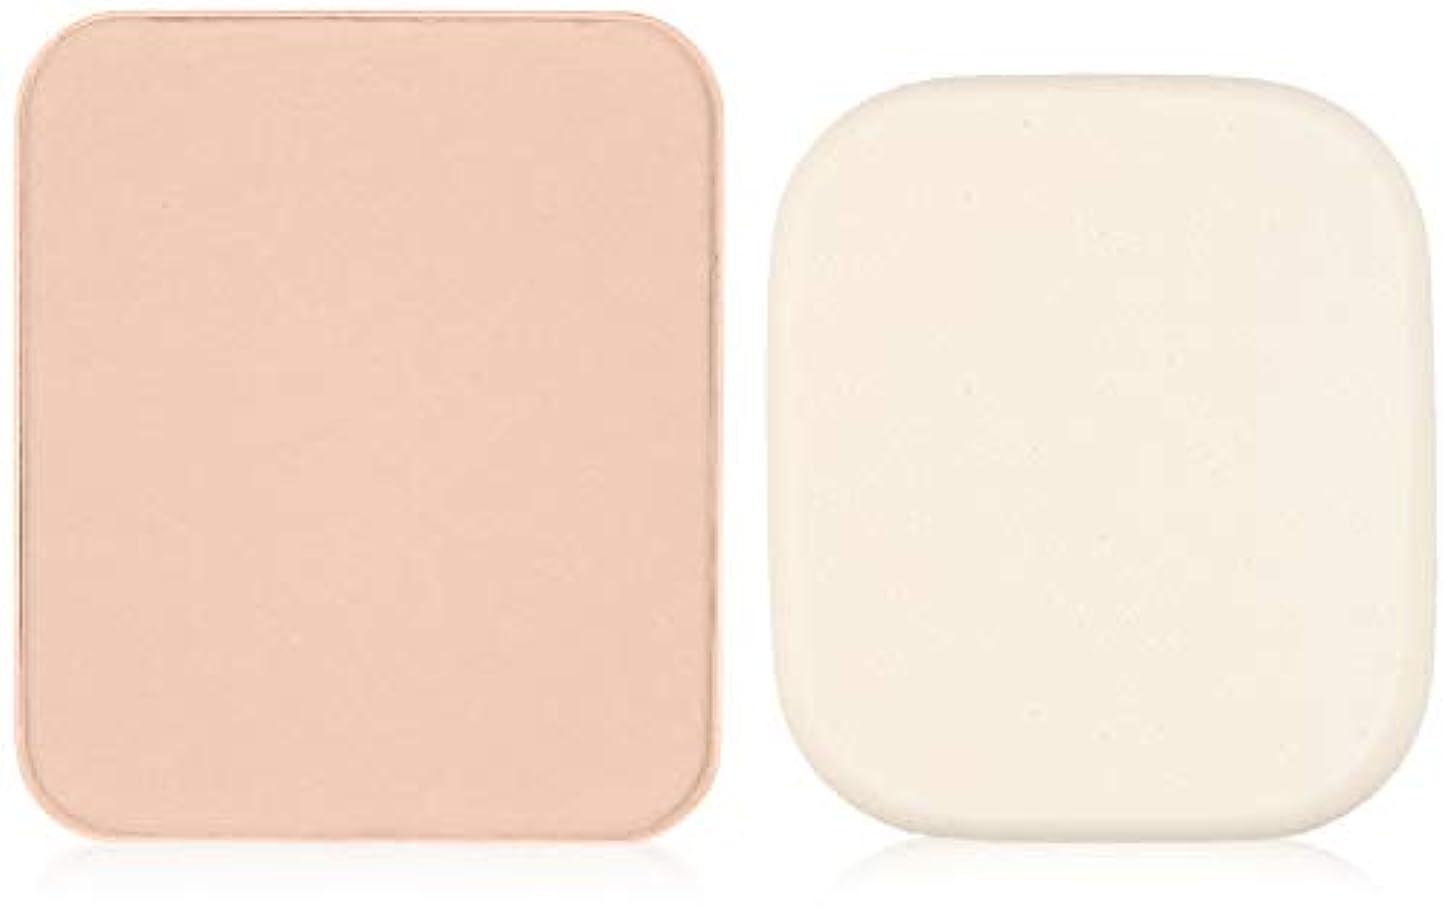 鉱石面白い印刷するto/one(トーン) デューイ モイスト パウダリーファンデーション 全6色 201 明るい肌色の方向けのオークル 201 Light 11g